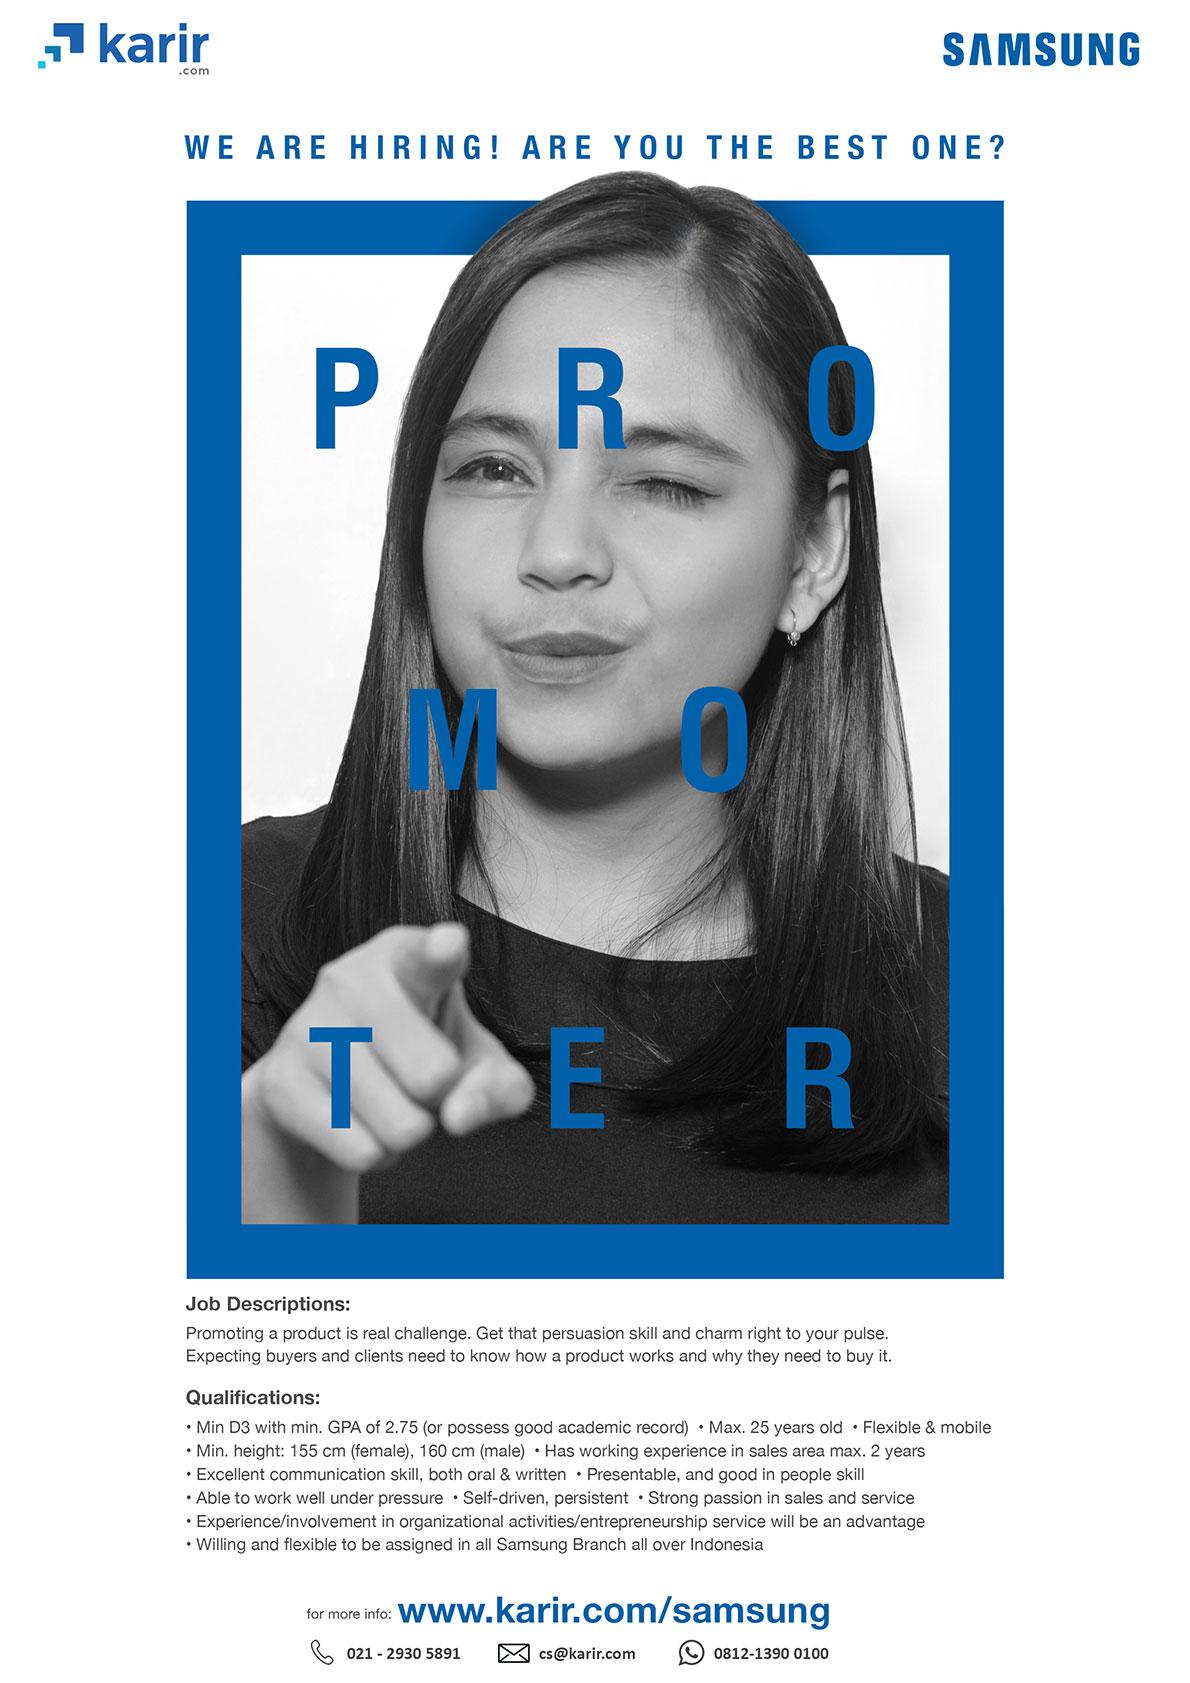 Lowongan Kerja bagi Alumni sebagai Promoter Samsung